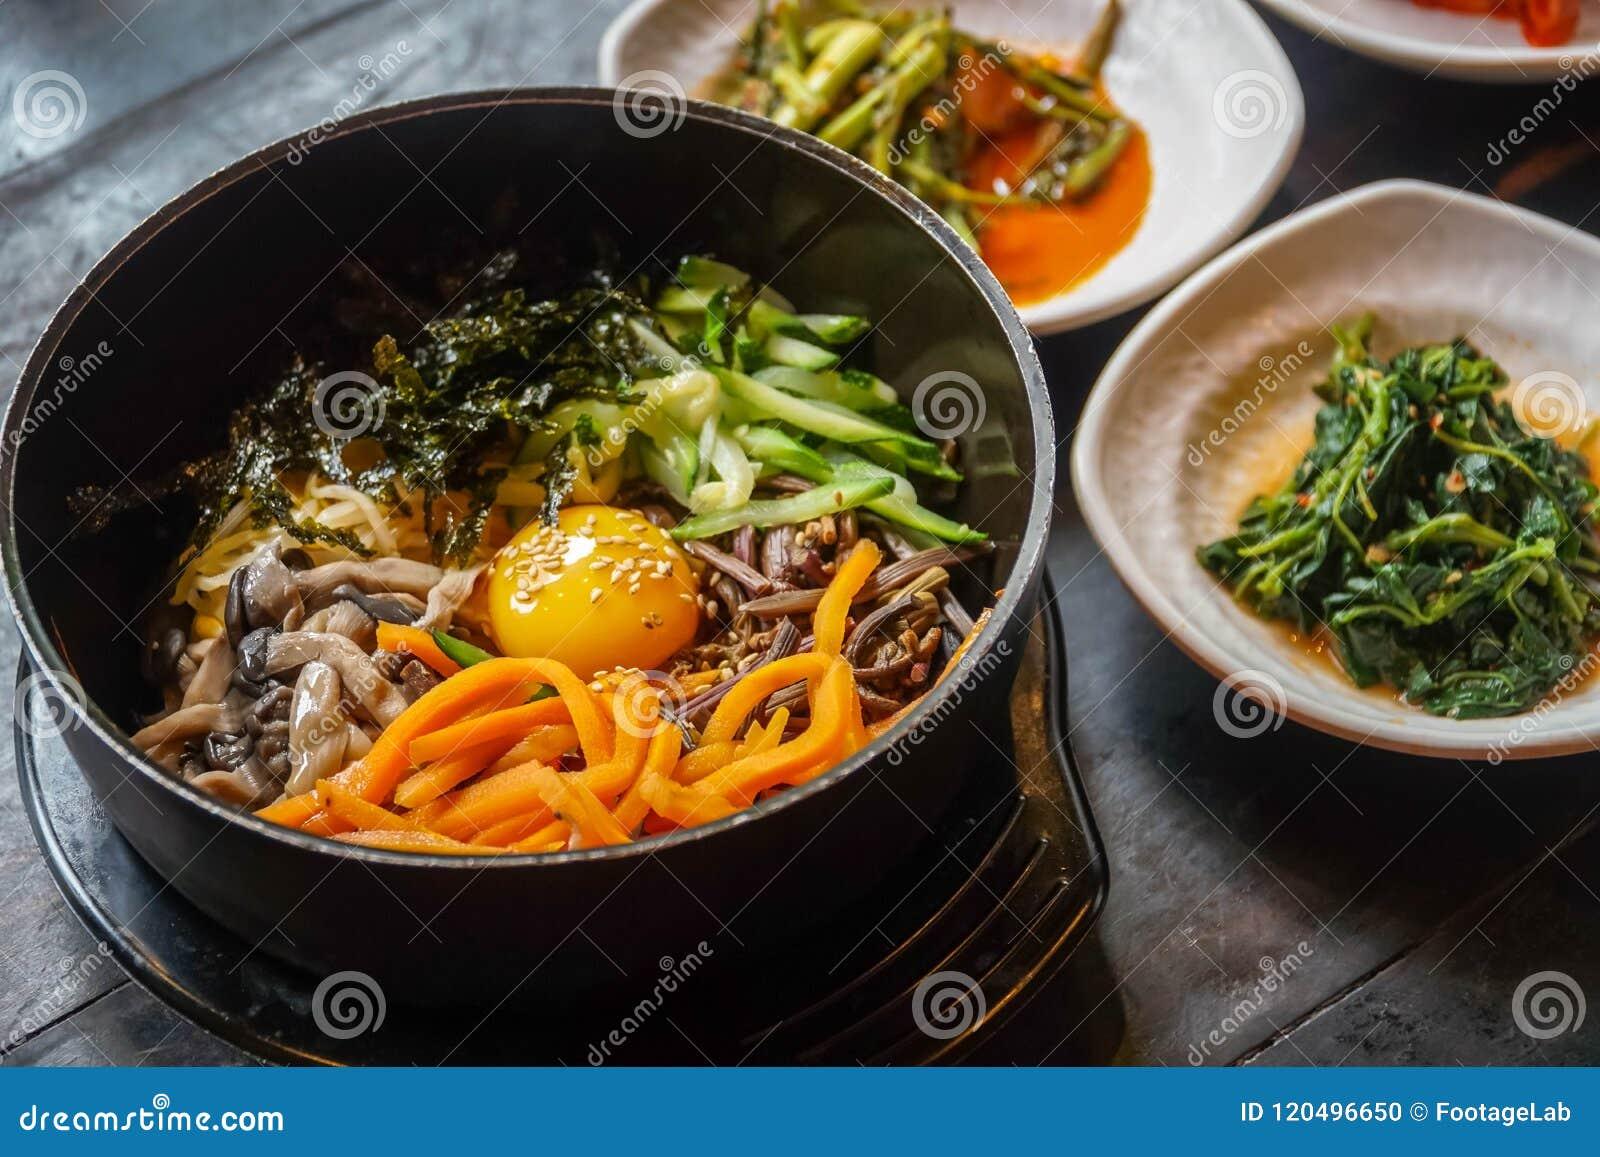 Tradycyjny Koreański naczynia Bibimbap słuzyć wraz z małymi bocznymi naczyniami clled banchan Azjatycka autentyczna kuchnia